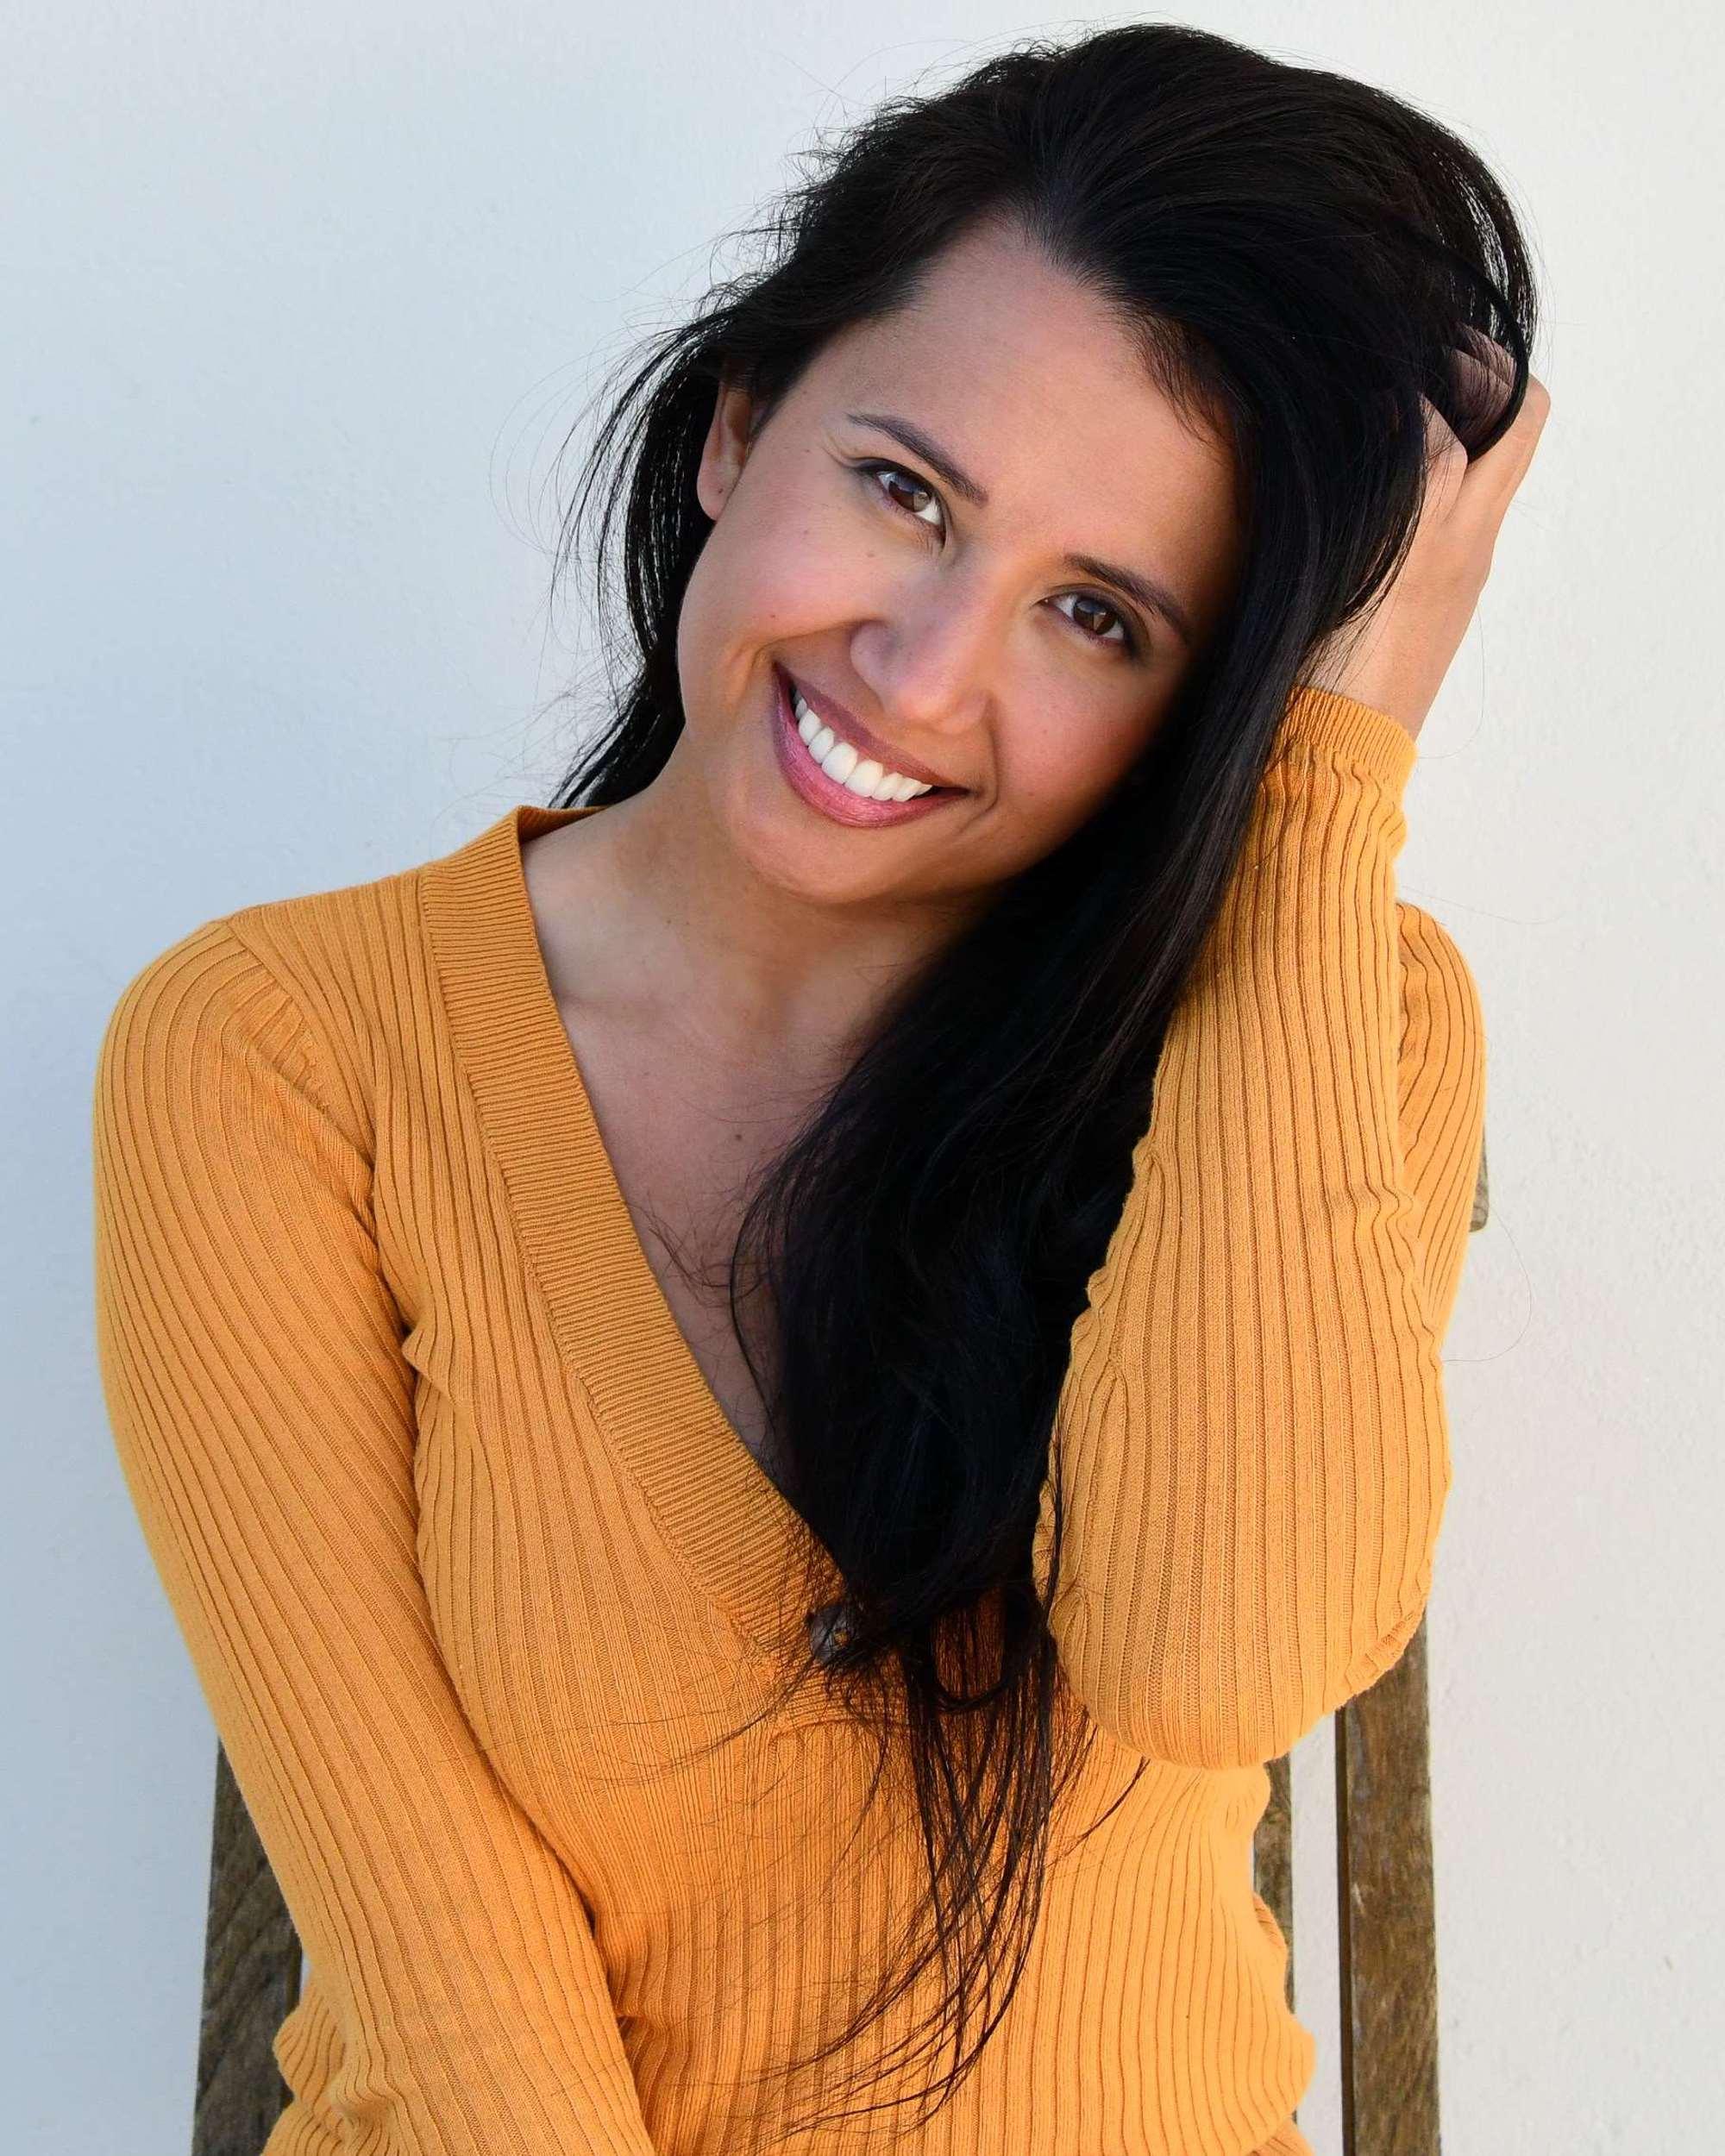 Jessica Niven